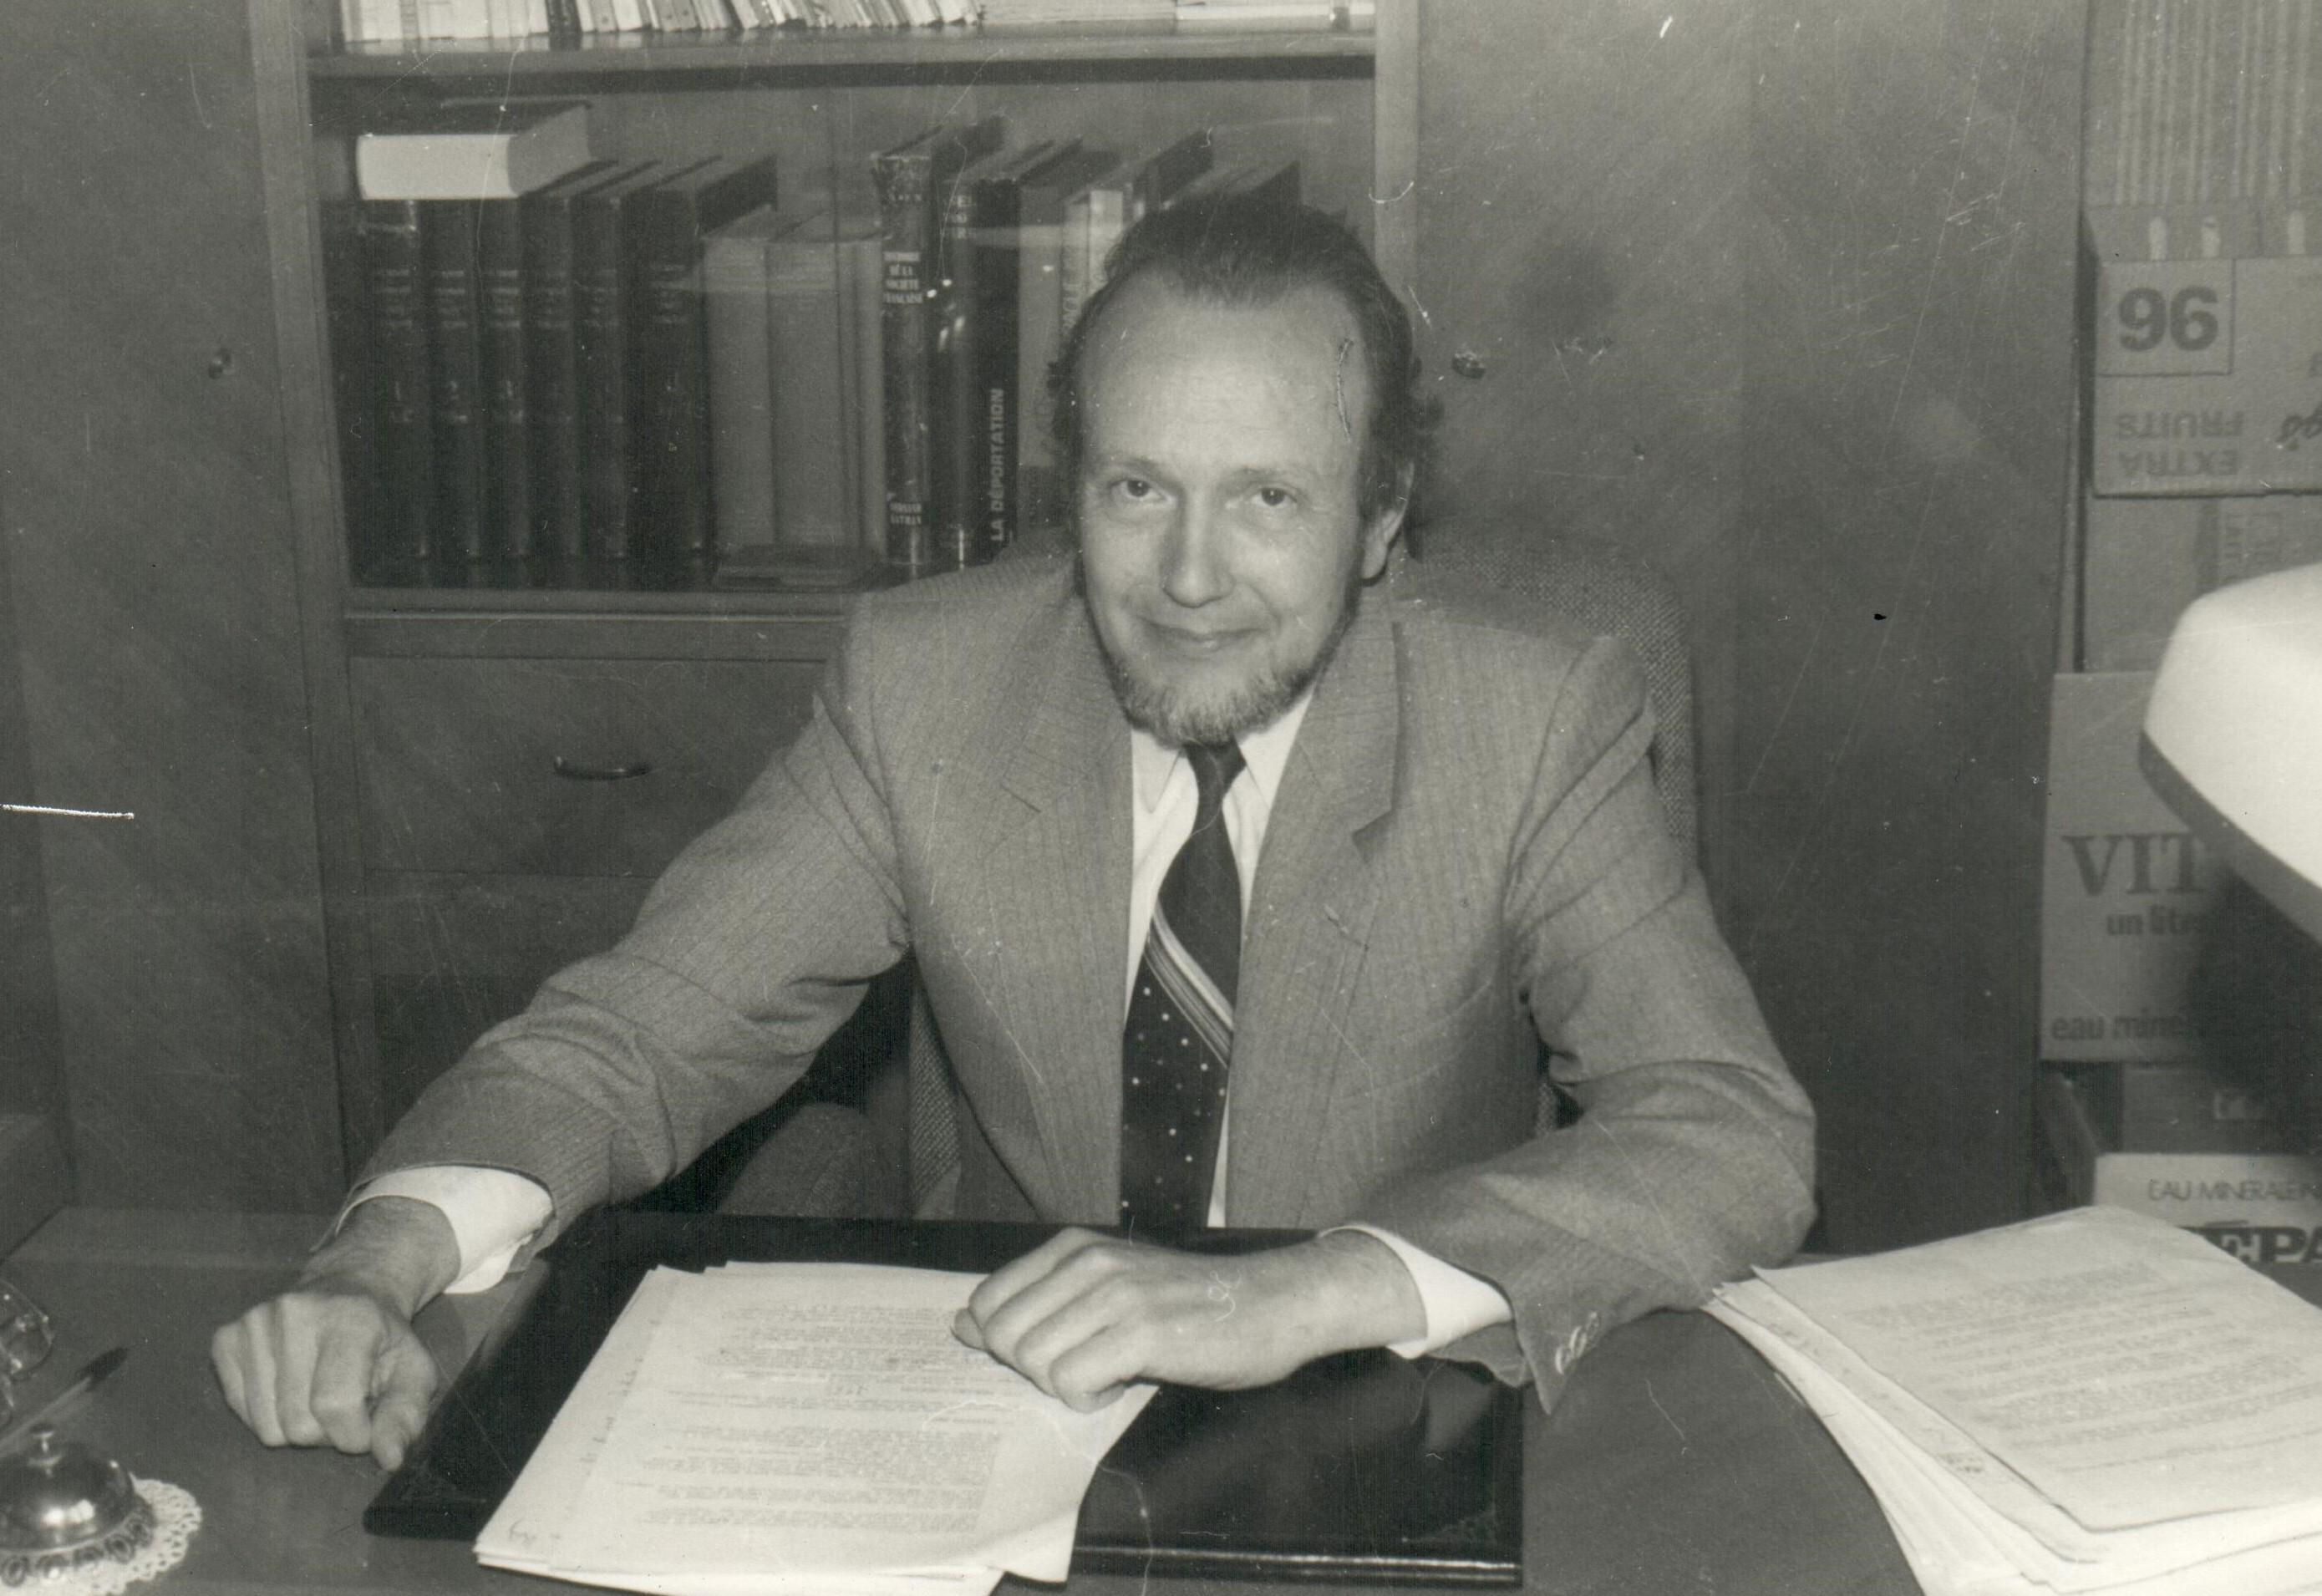 1986-06-11 - René ARNOLD - bureau de maire - interview pour L_Alsace - JMarie WICK.jpg